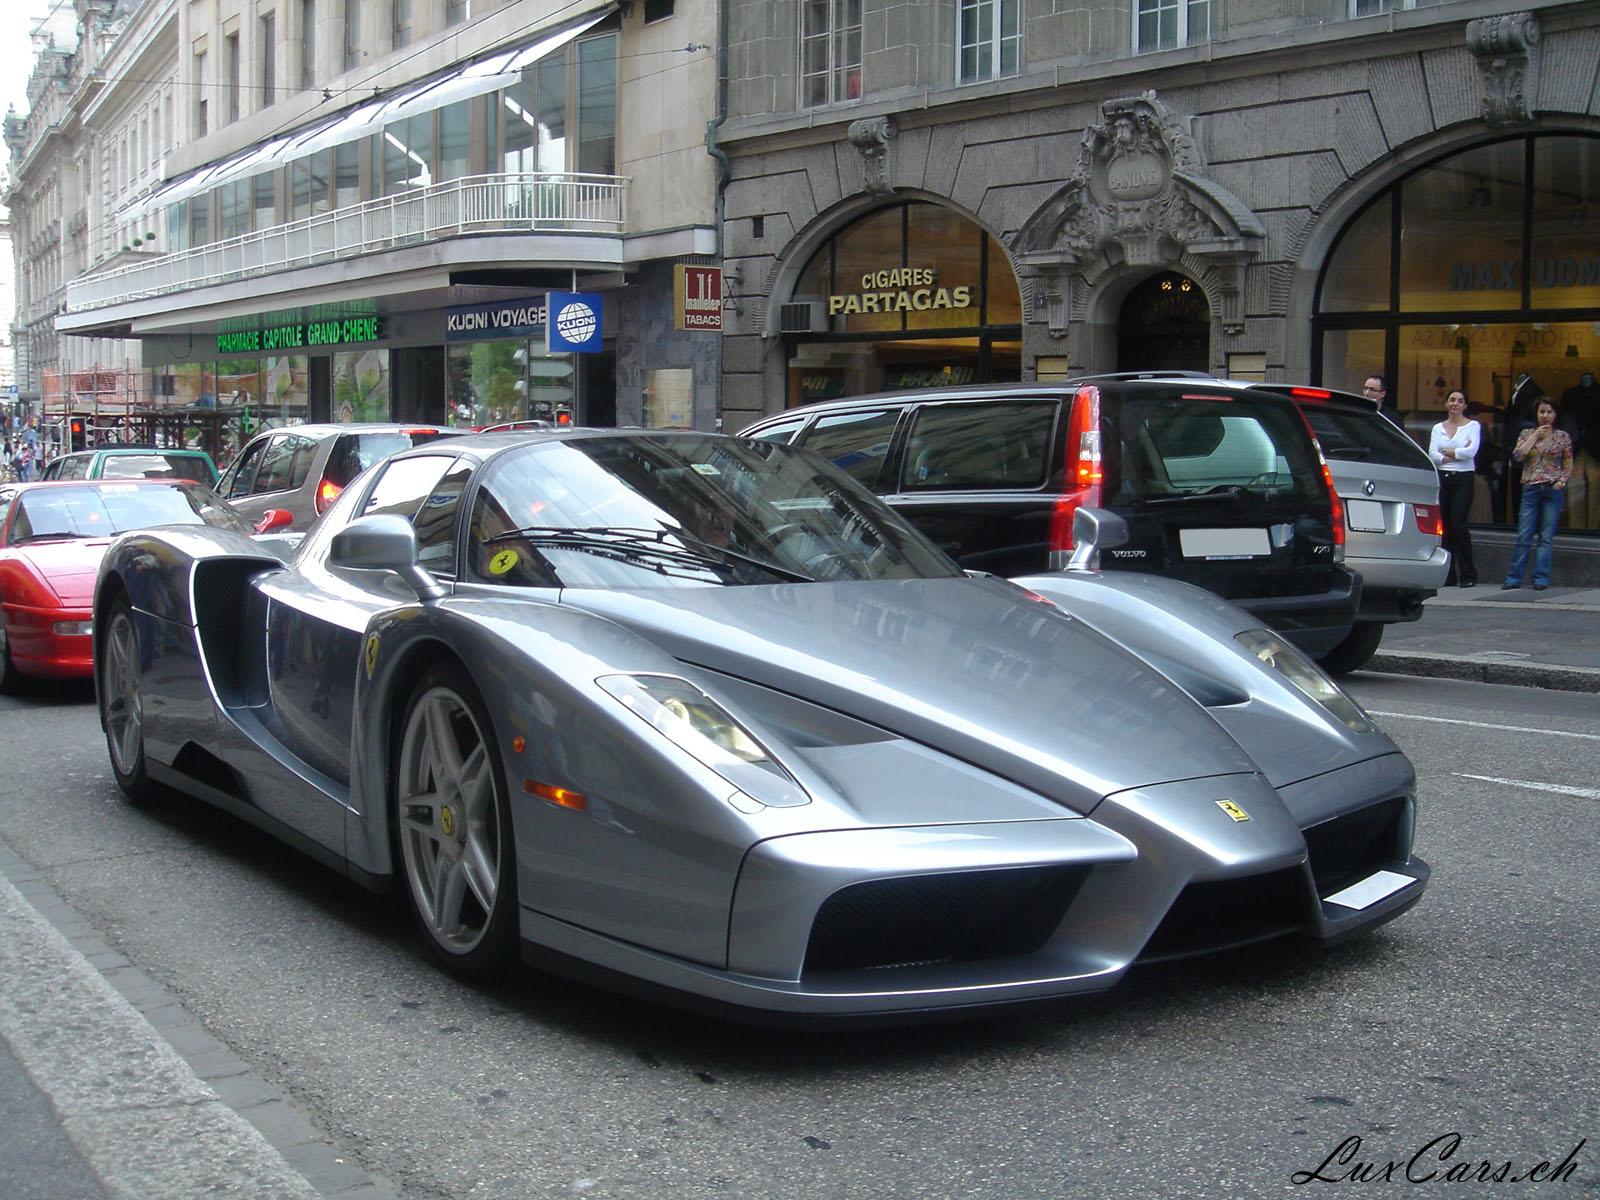 """www.luxcars.ch/wallpapers/404_ferrari_enzo_1600.jpg"""" no puede mostrarse, porque contiene errores."""